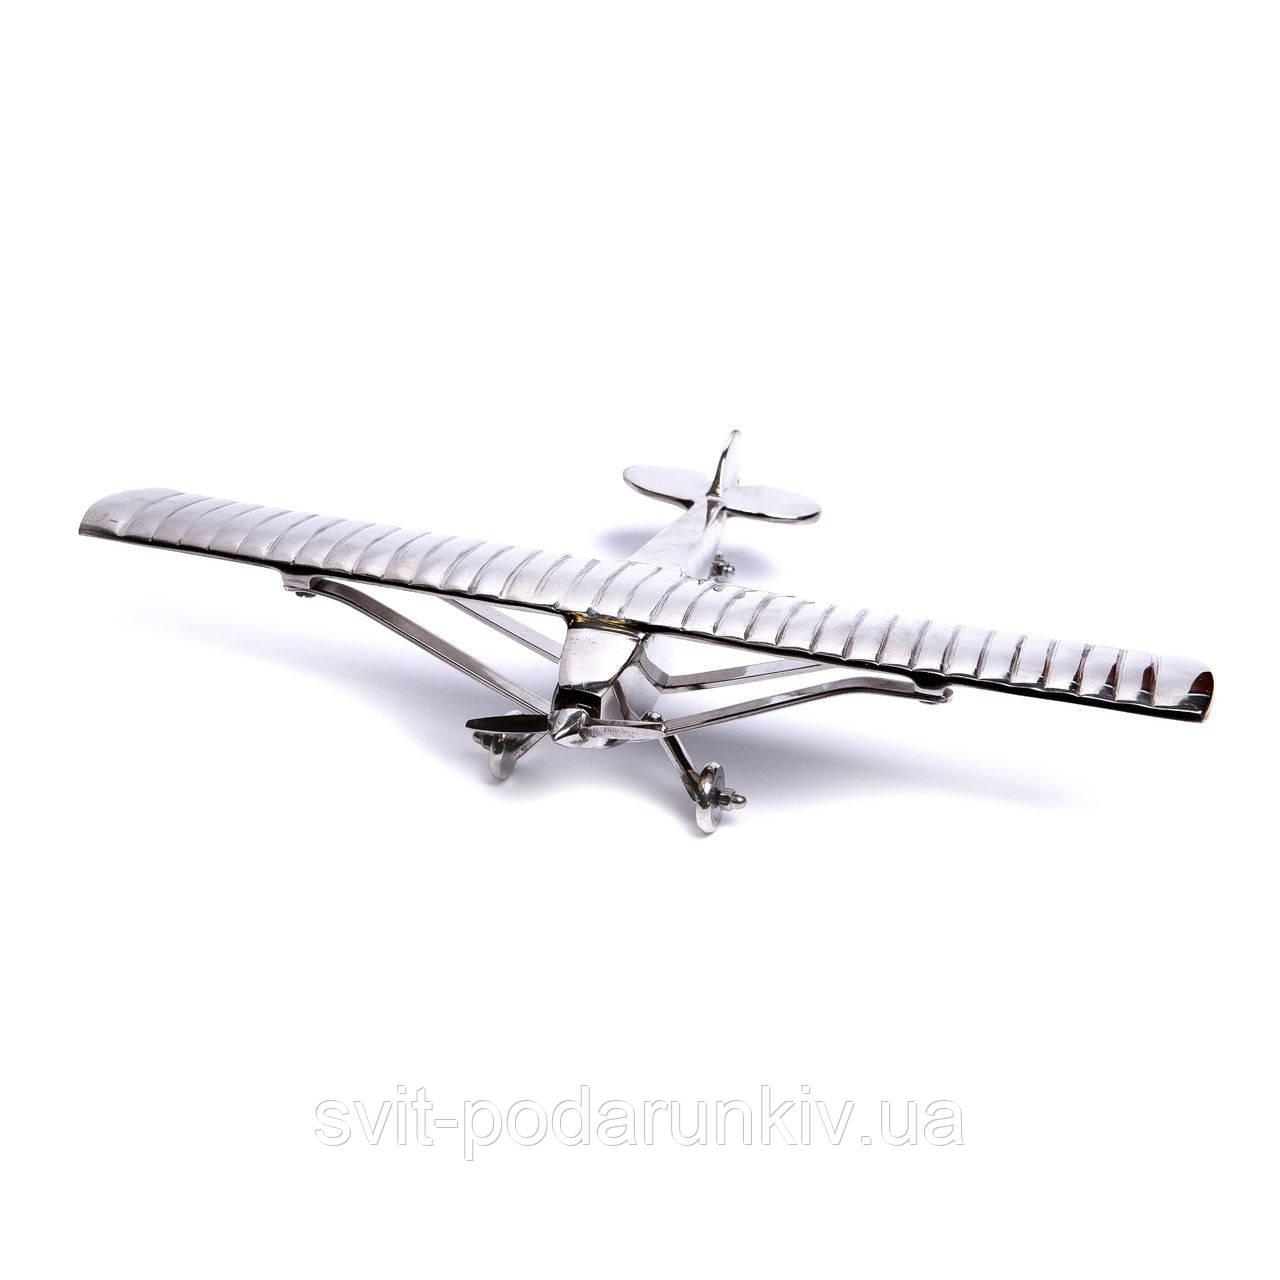 Модель самолета сувенир из металла ANT.1679